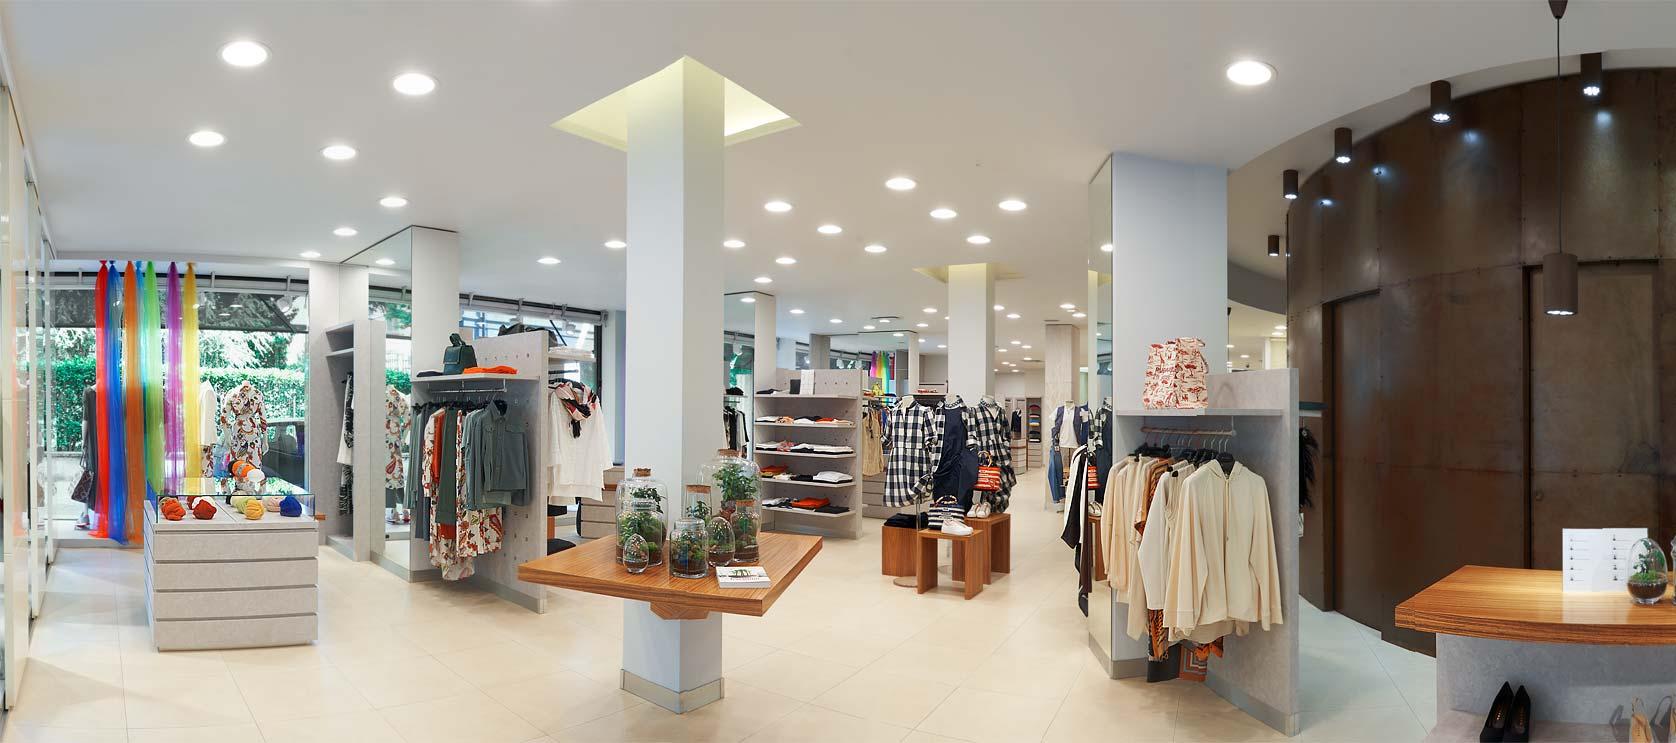 Manganini abbigliamento Milano interno del negozio